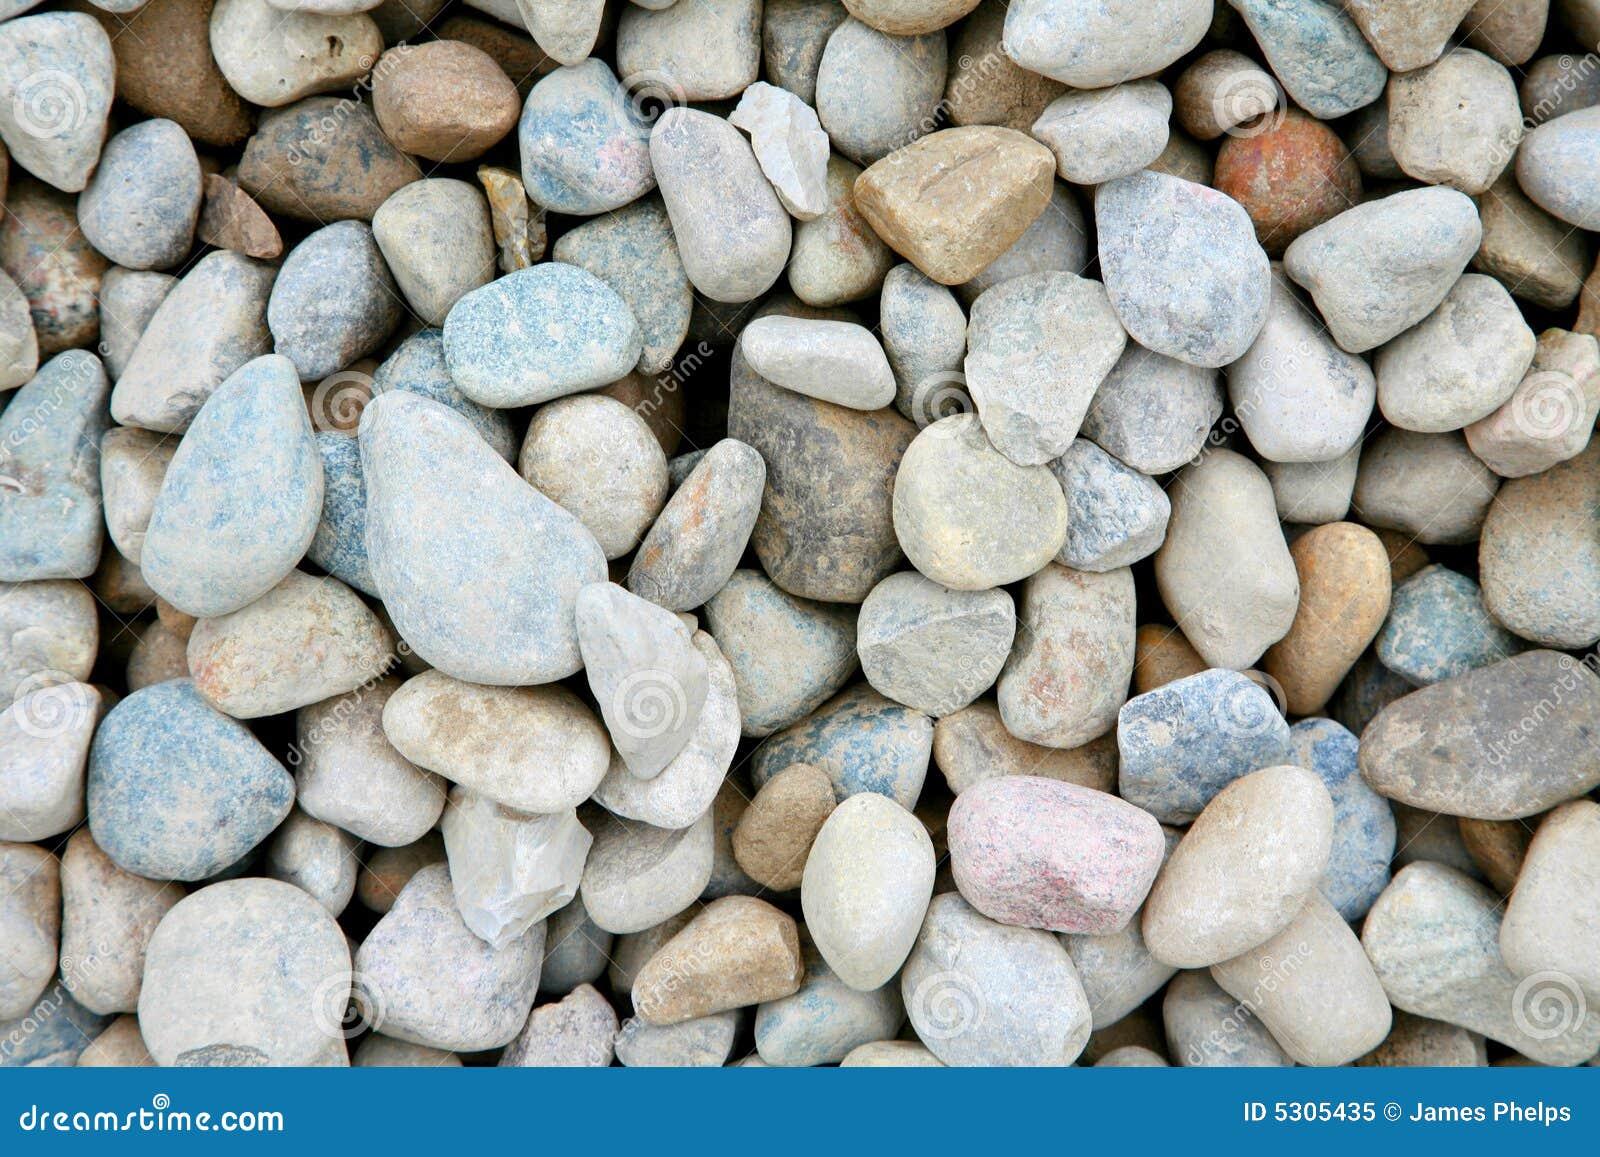 steine bilder kostenlos